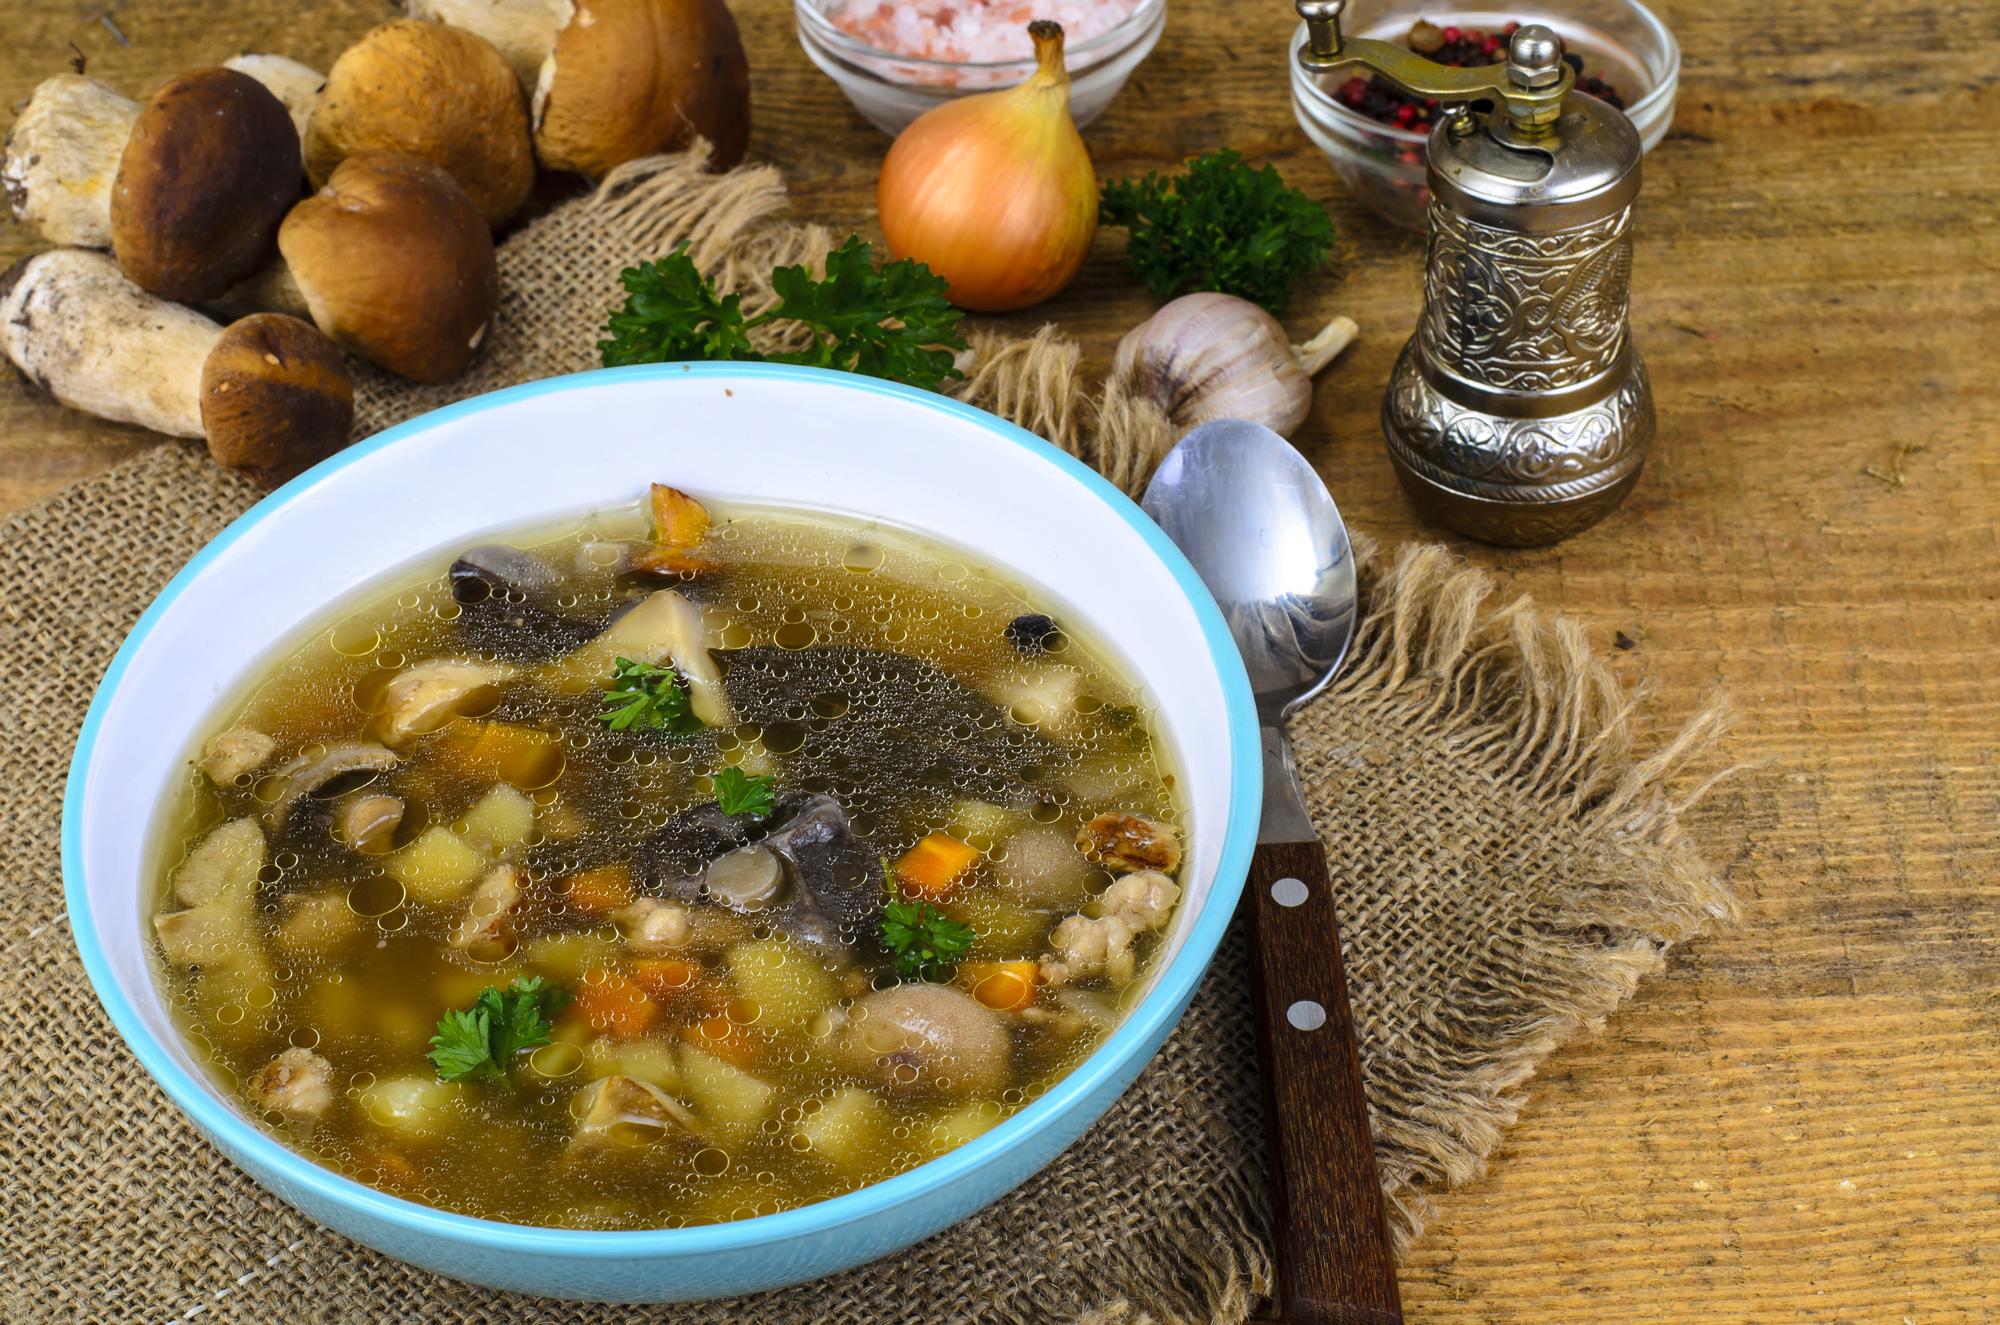 Hrstková polévka s hlívou